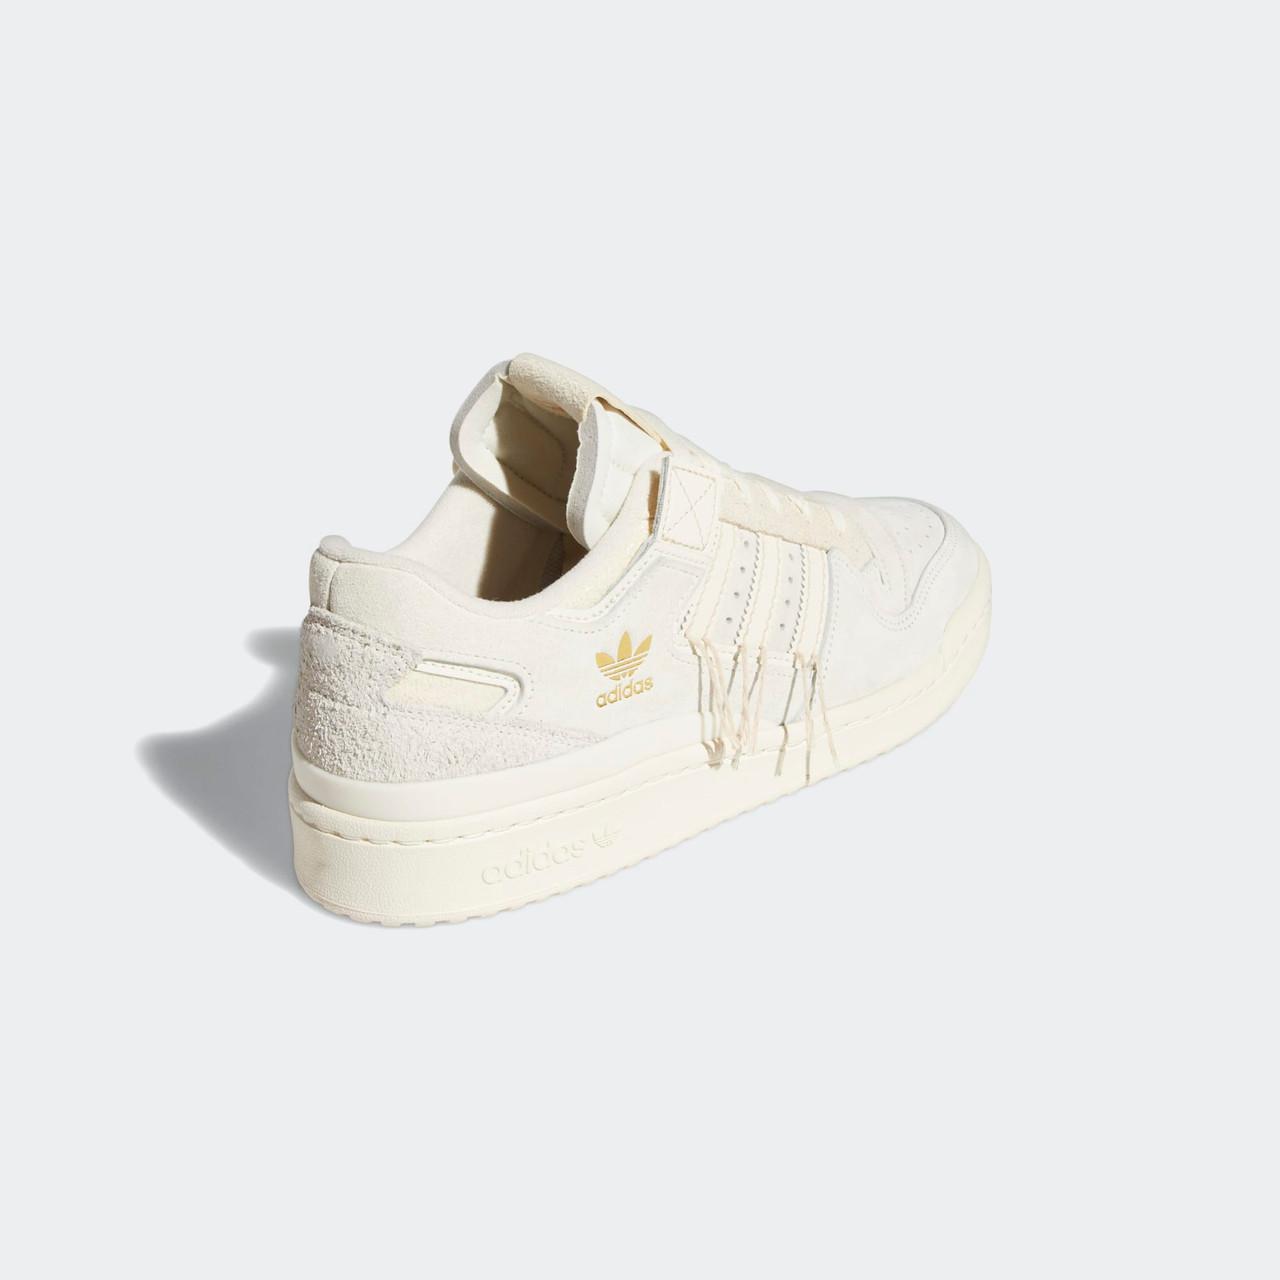 Adidas Forum 20 Low Beige/ Off White/ Wonder White/ Halo Blush ...